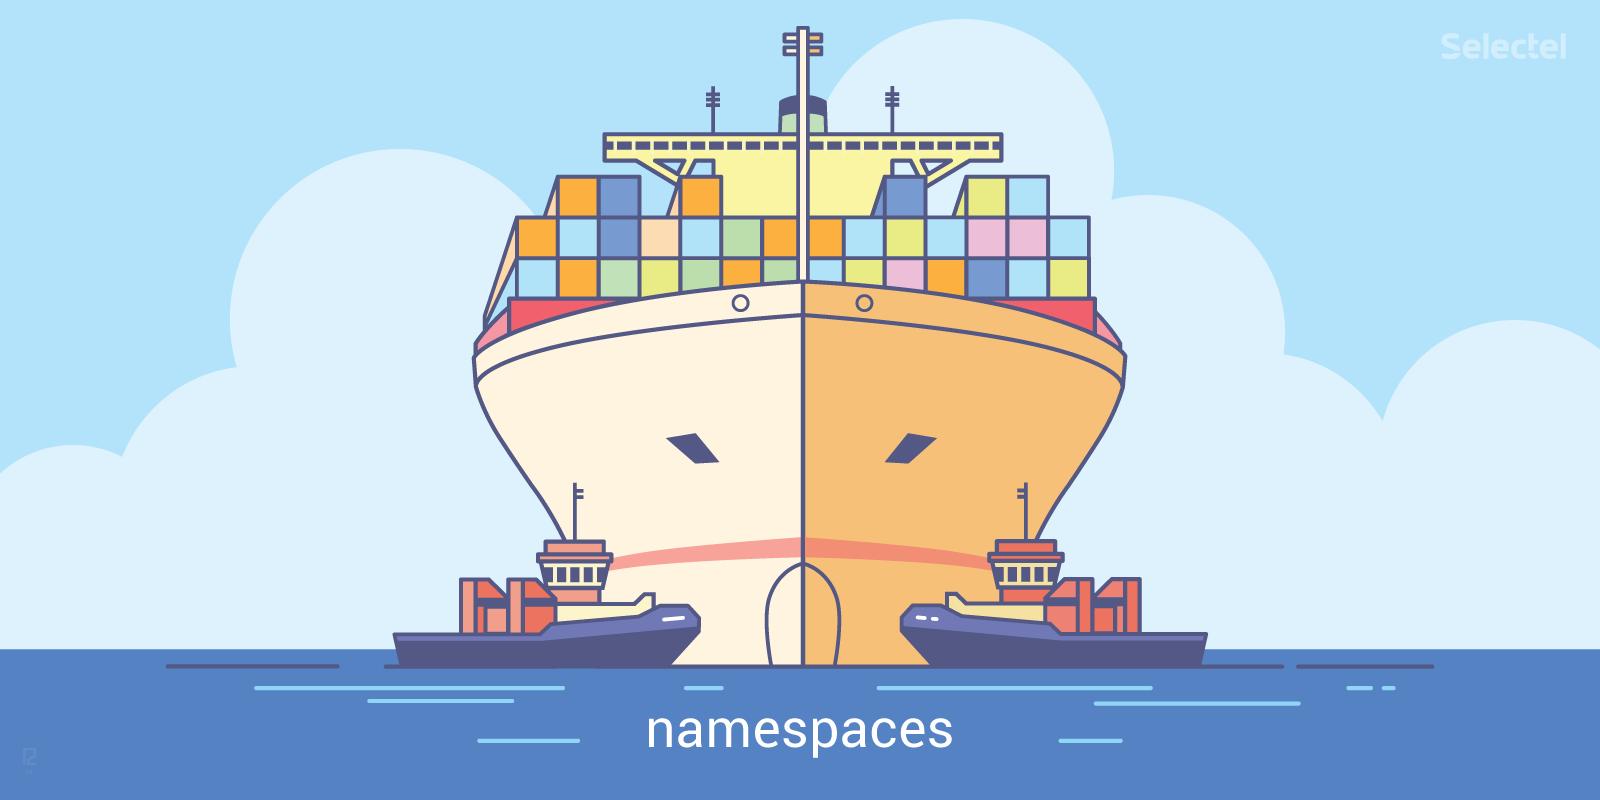 Механизмы контейнеризации: namespaces